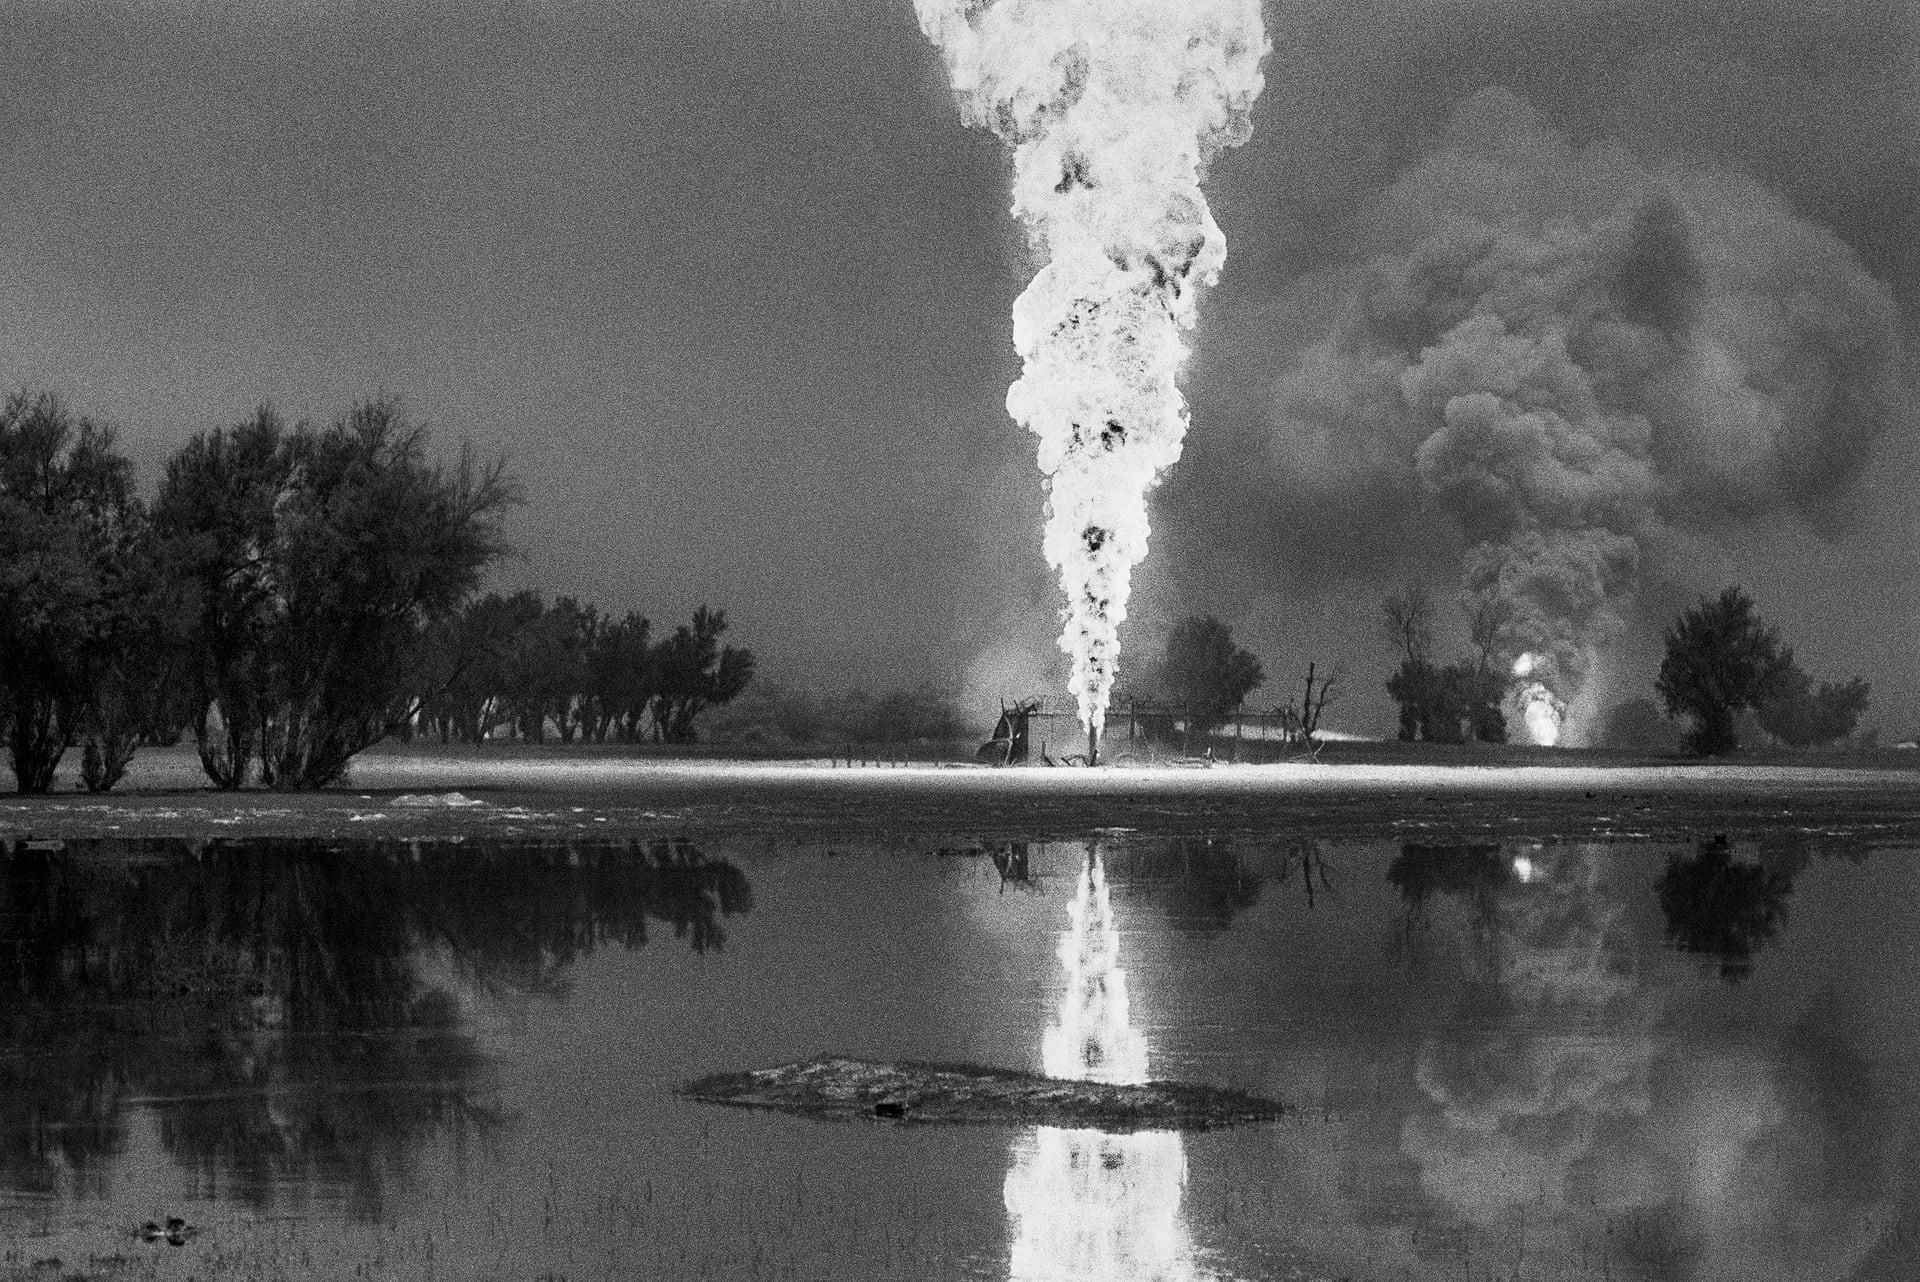 Кувейтские нефтяные пожары, 1991. Автор Себастьян Сальгадо